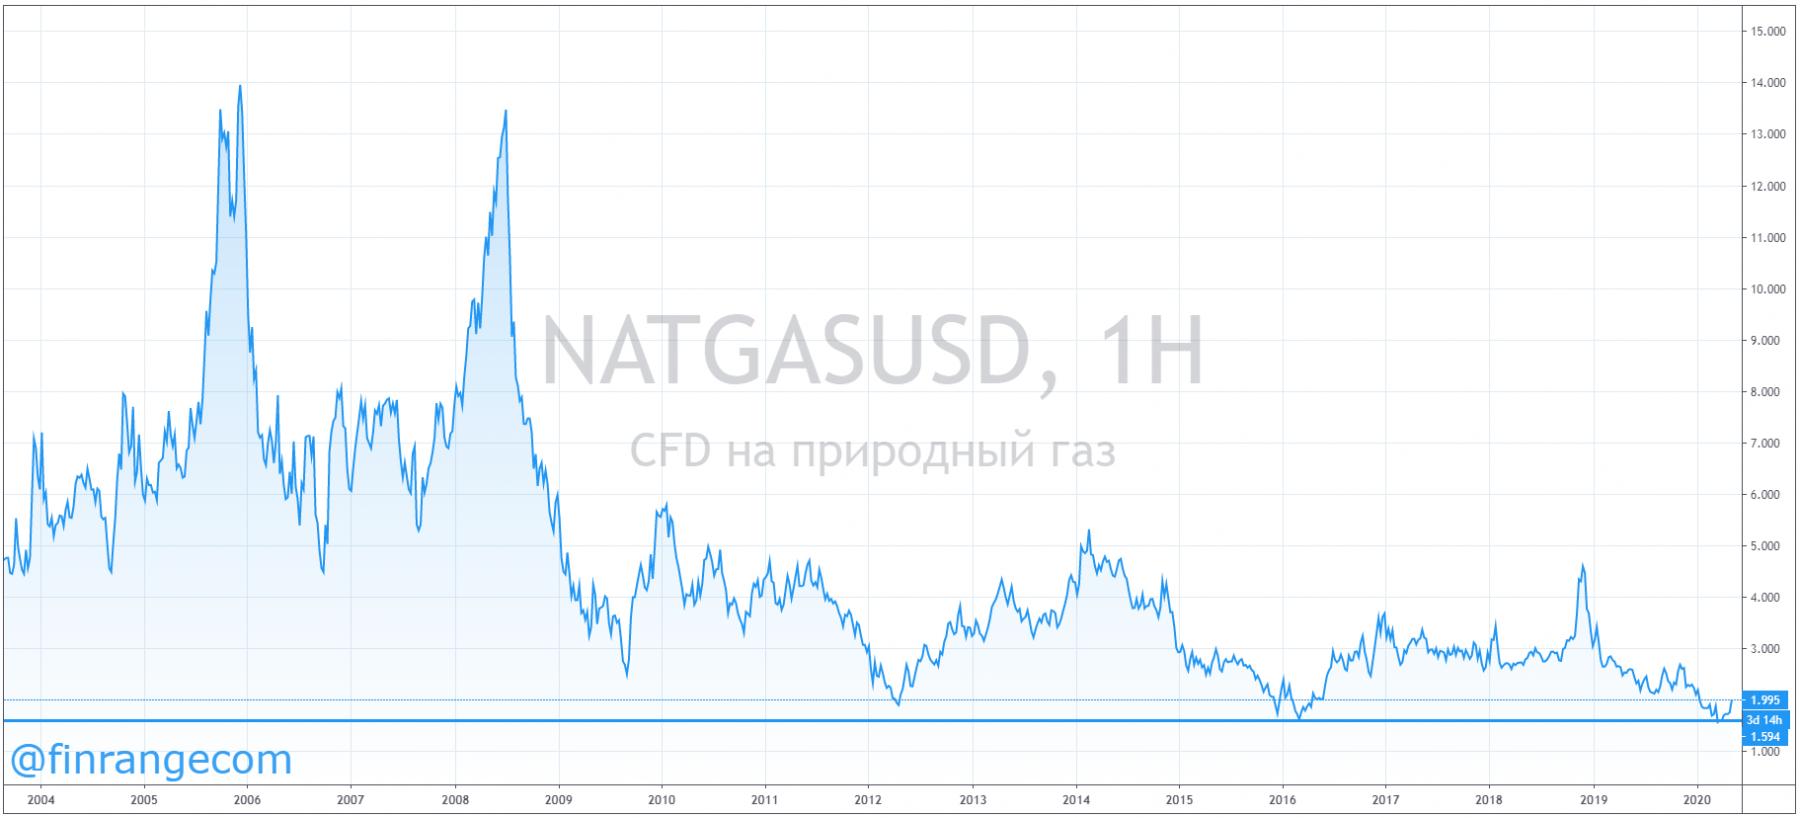 НОВАТЭК: финансовые результаты за I кв. 2020 г. по МСФО. Под давлением цен на газ